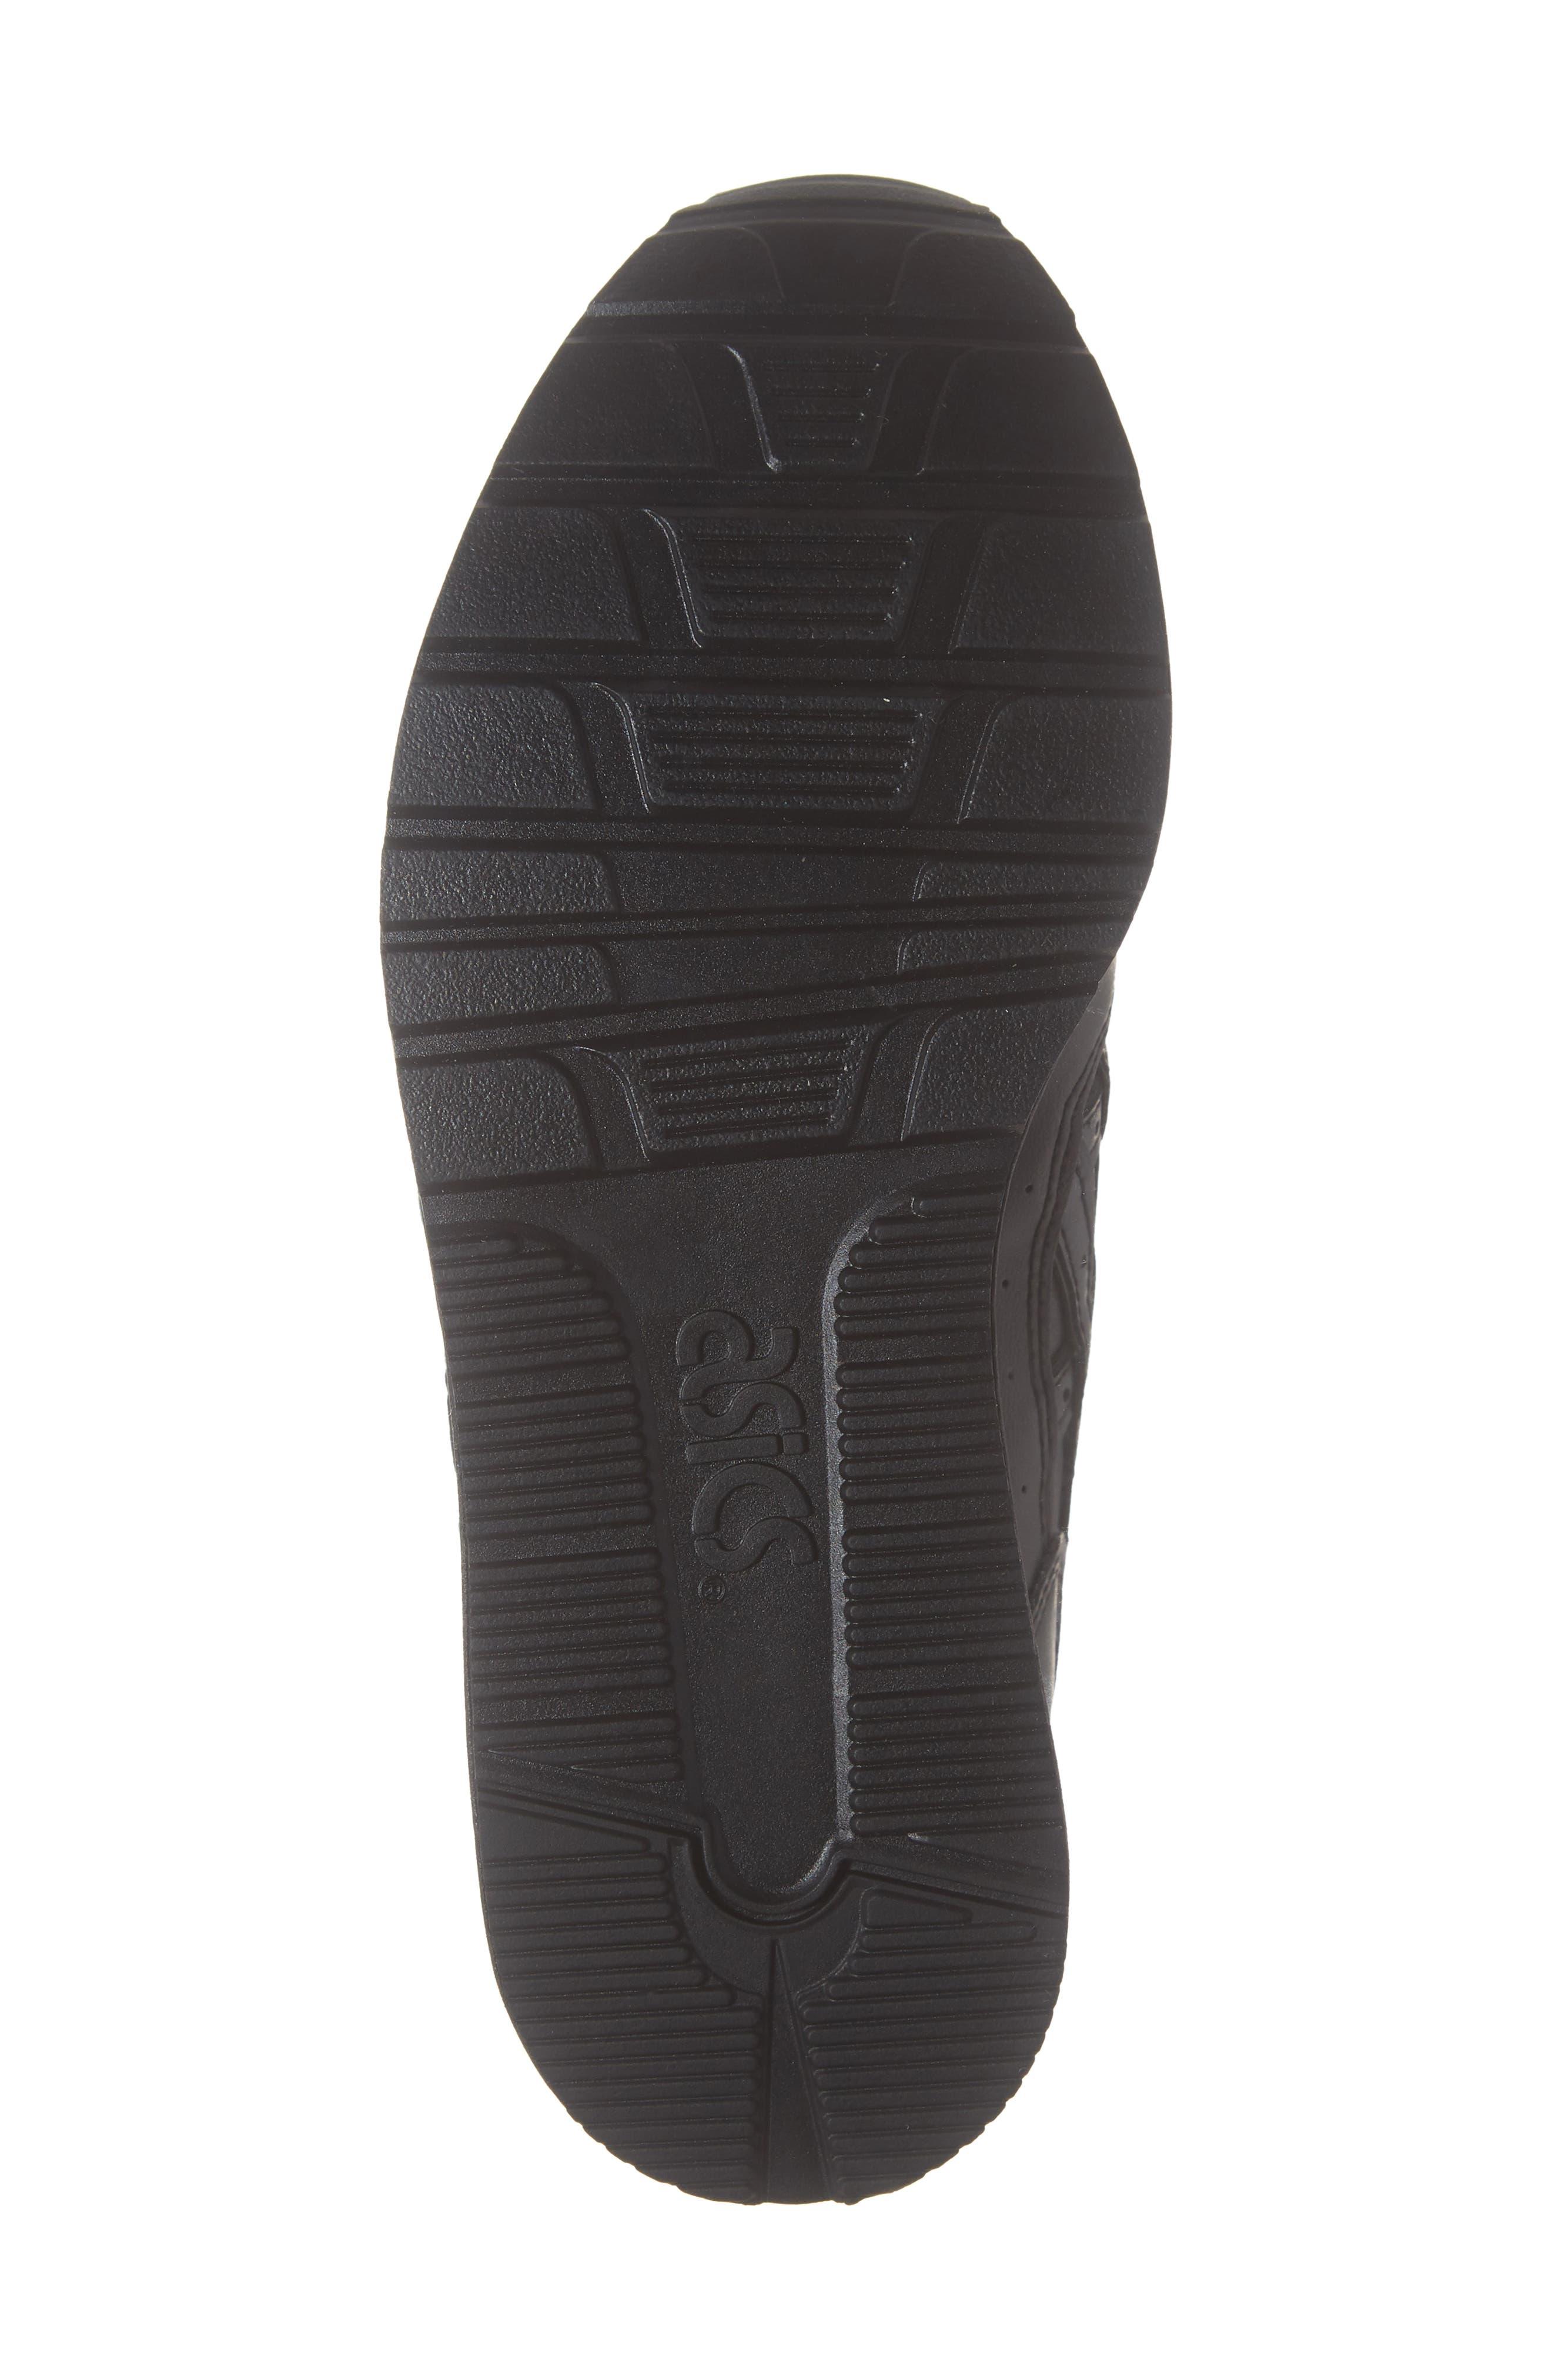 GEL-Lyte III Sneaker,                             Alternate thumbnail 6, color,                             BLACK/ BLACK